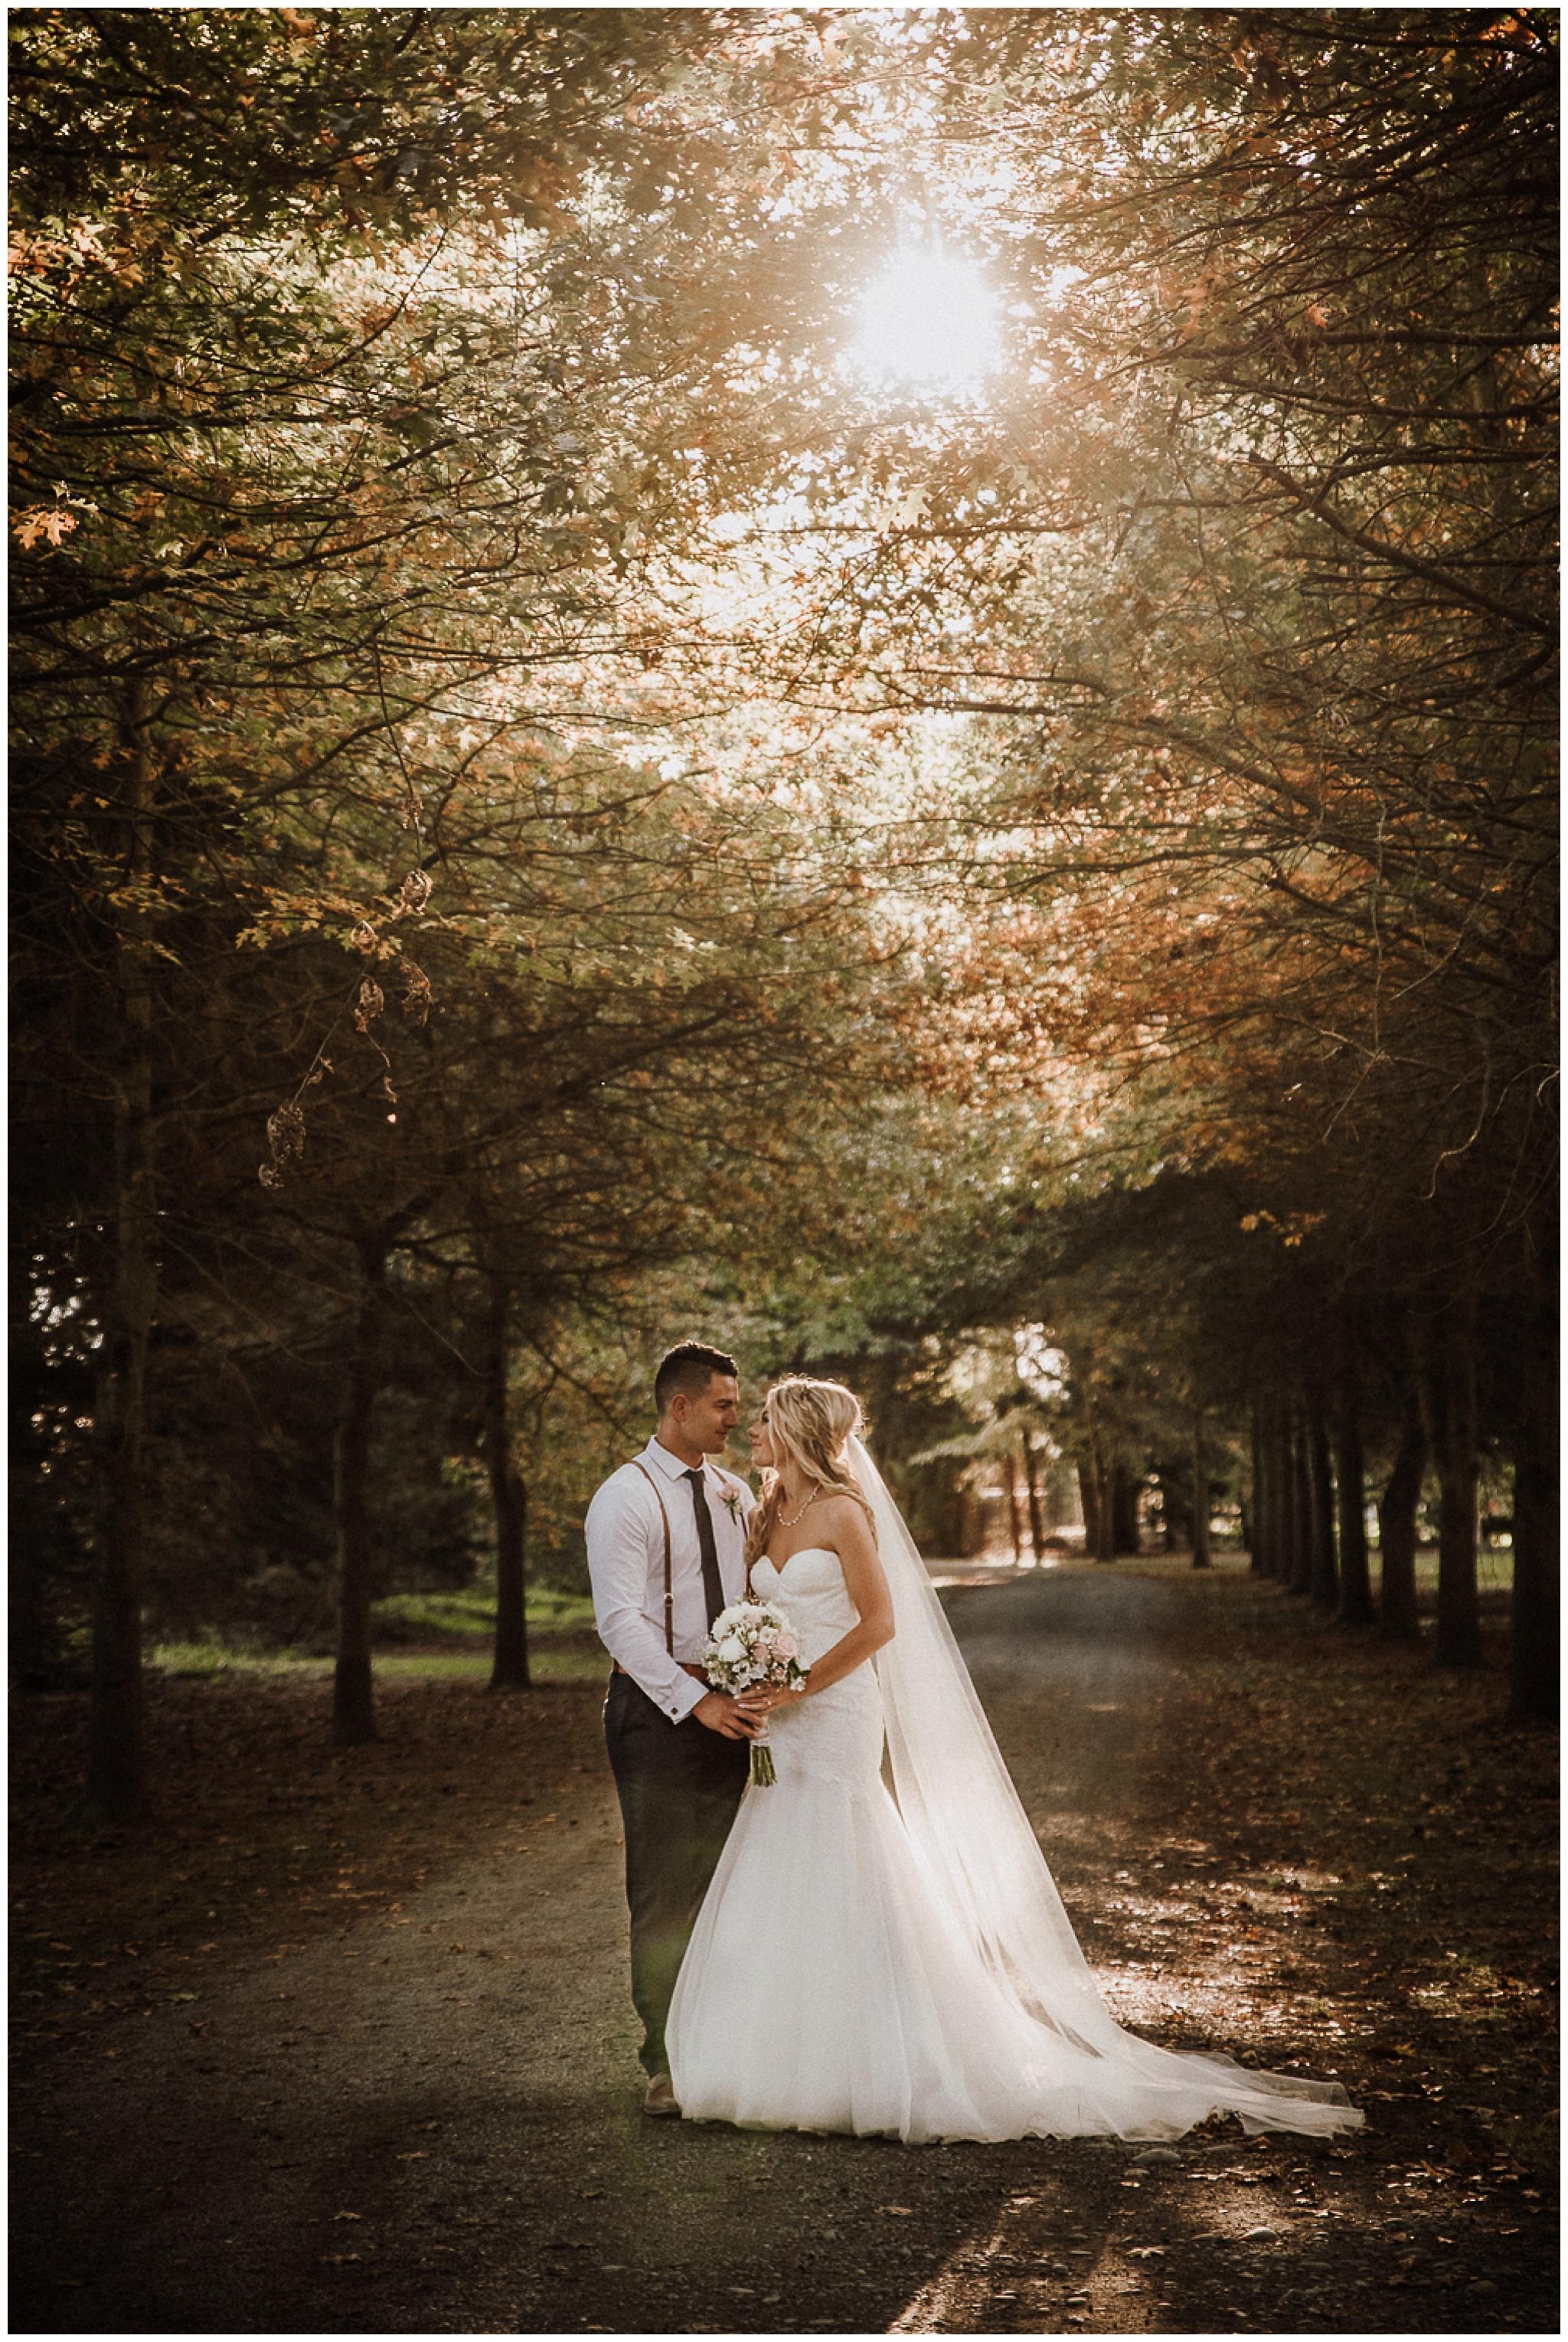 chad-jakalah-christchurch-garden-summer-elegant-auckland-wedding-photographer_0039.jpg